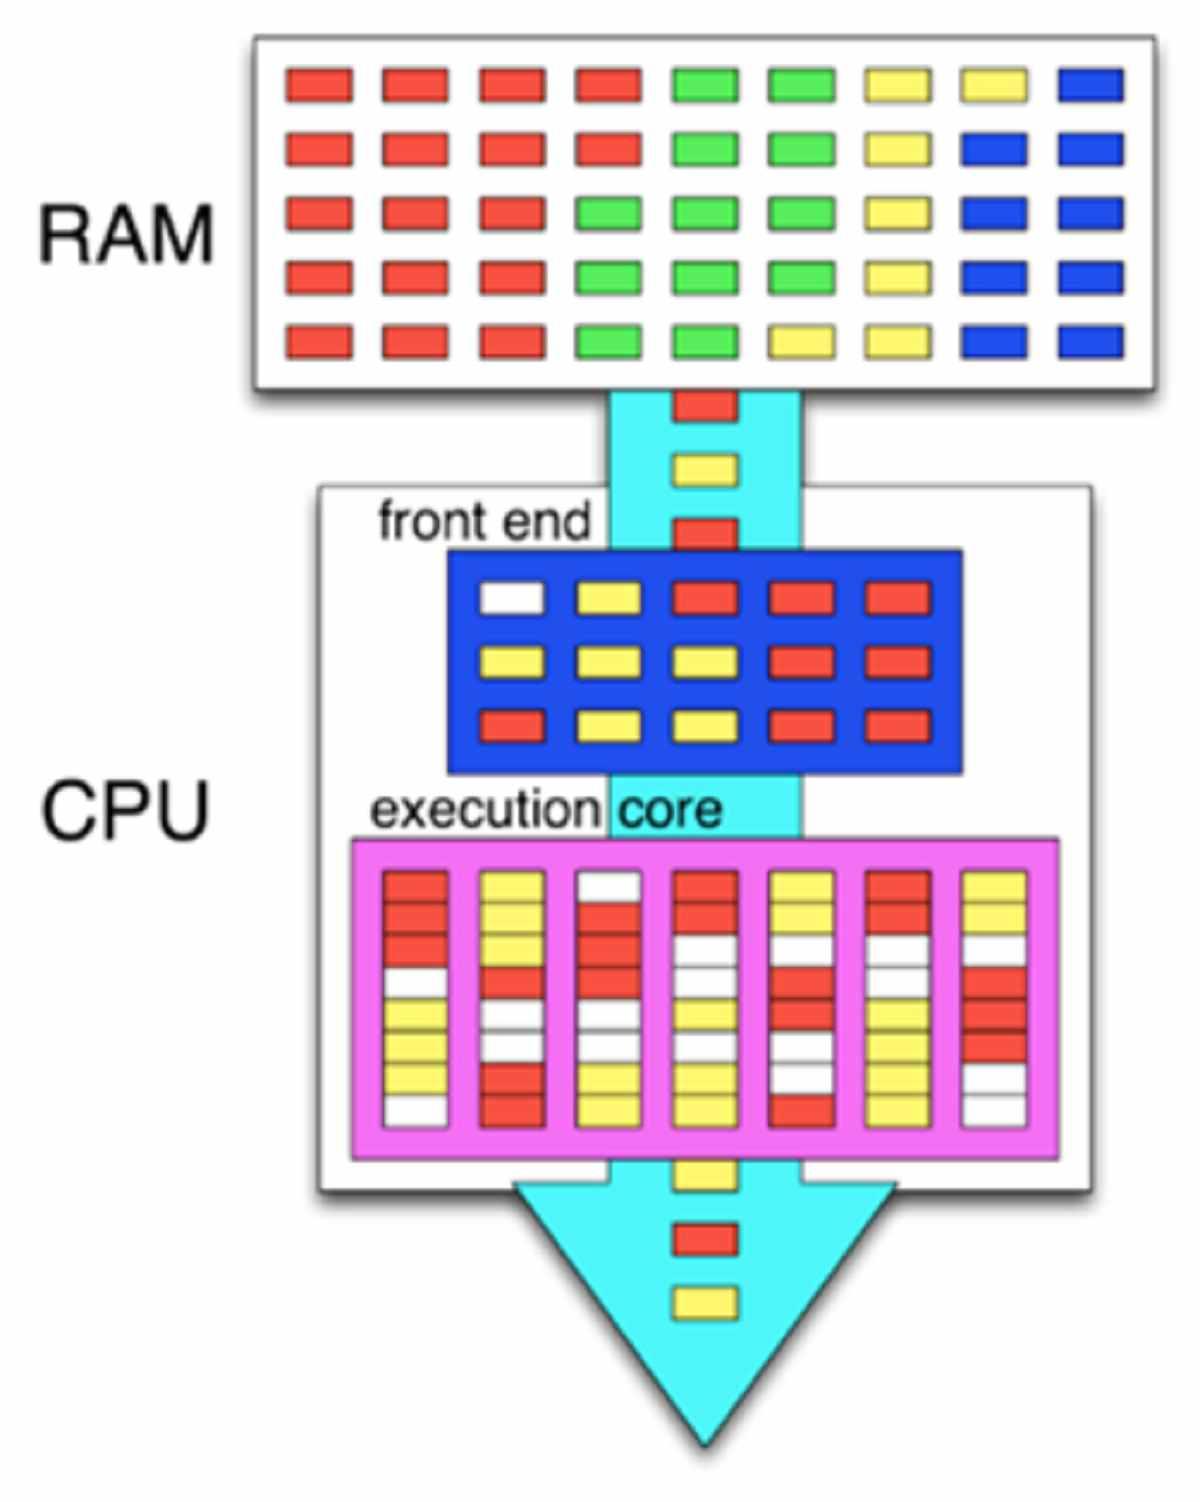 تکنولوژی-Hyper-Threading-چیست